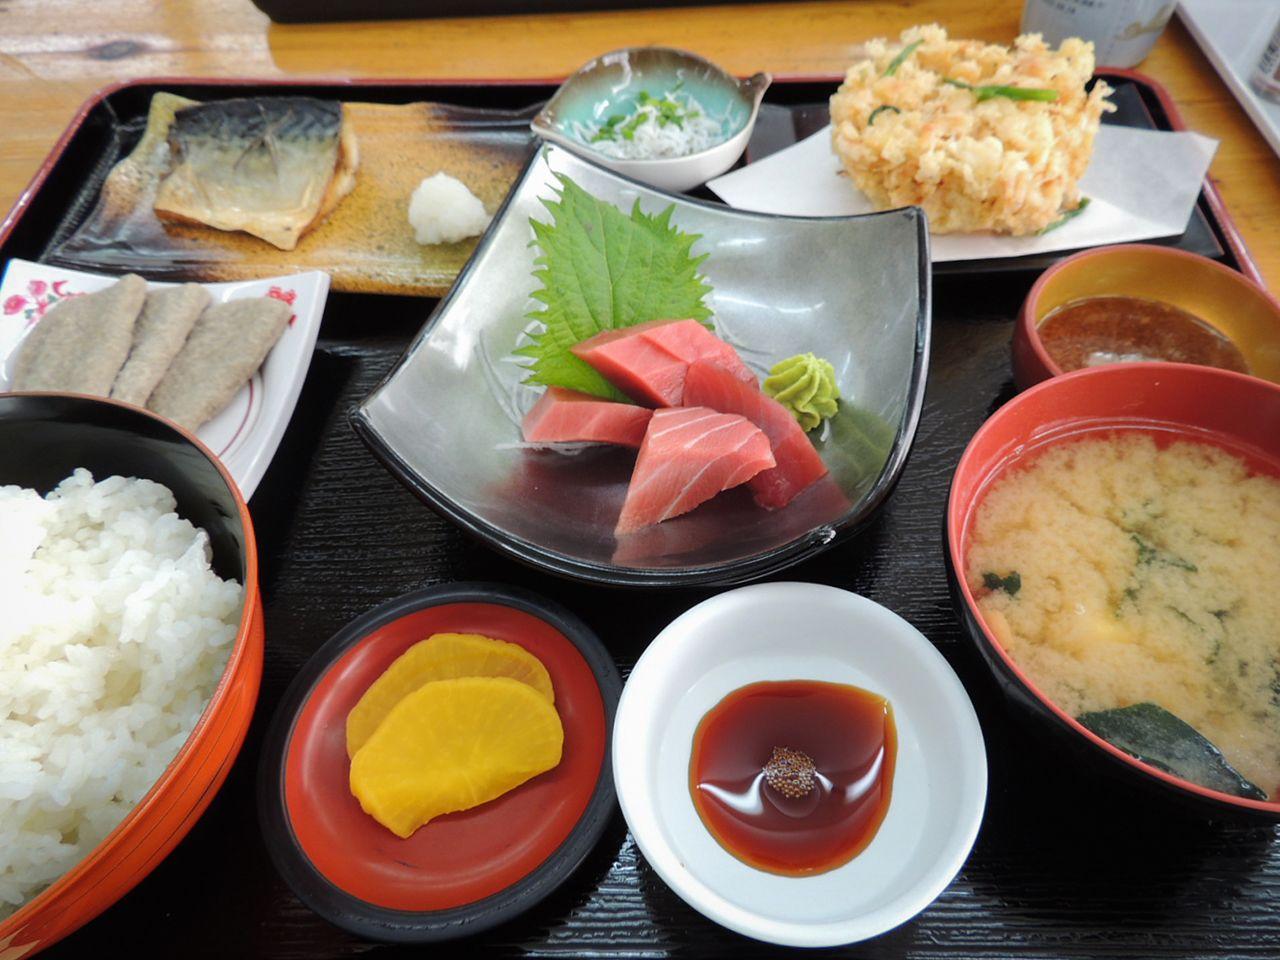 Makanan set Suruga mencakup berbagai macam hidangan seafood.